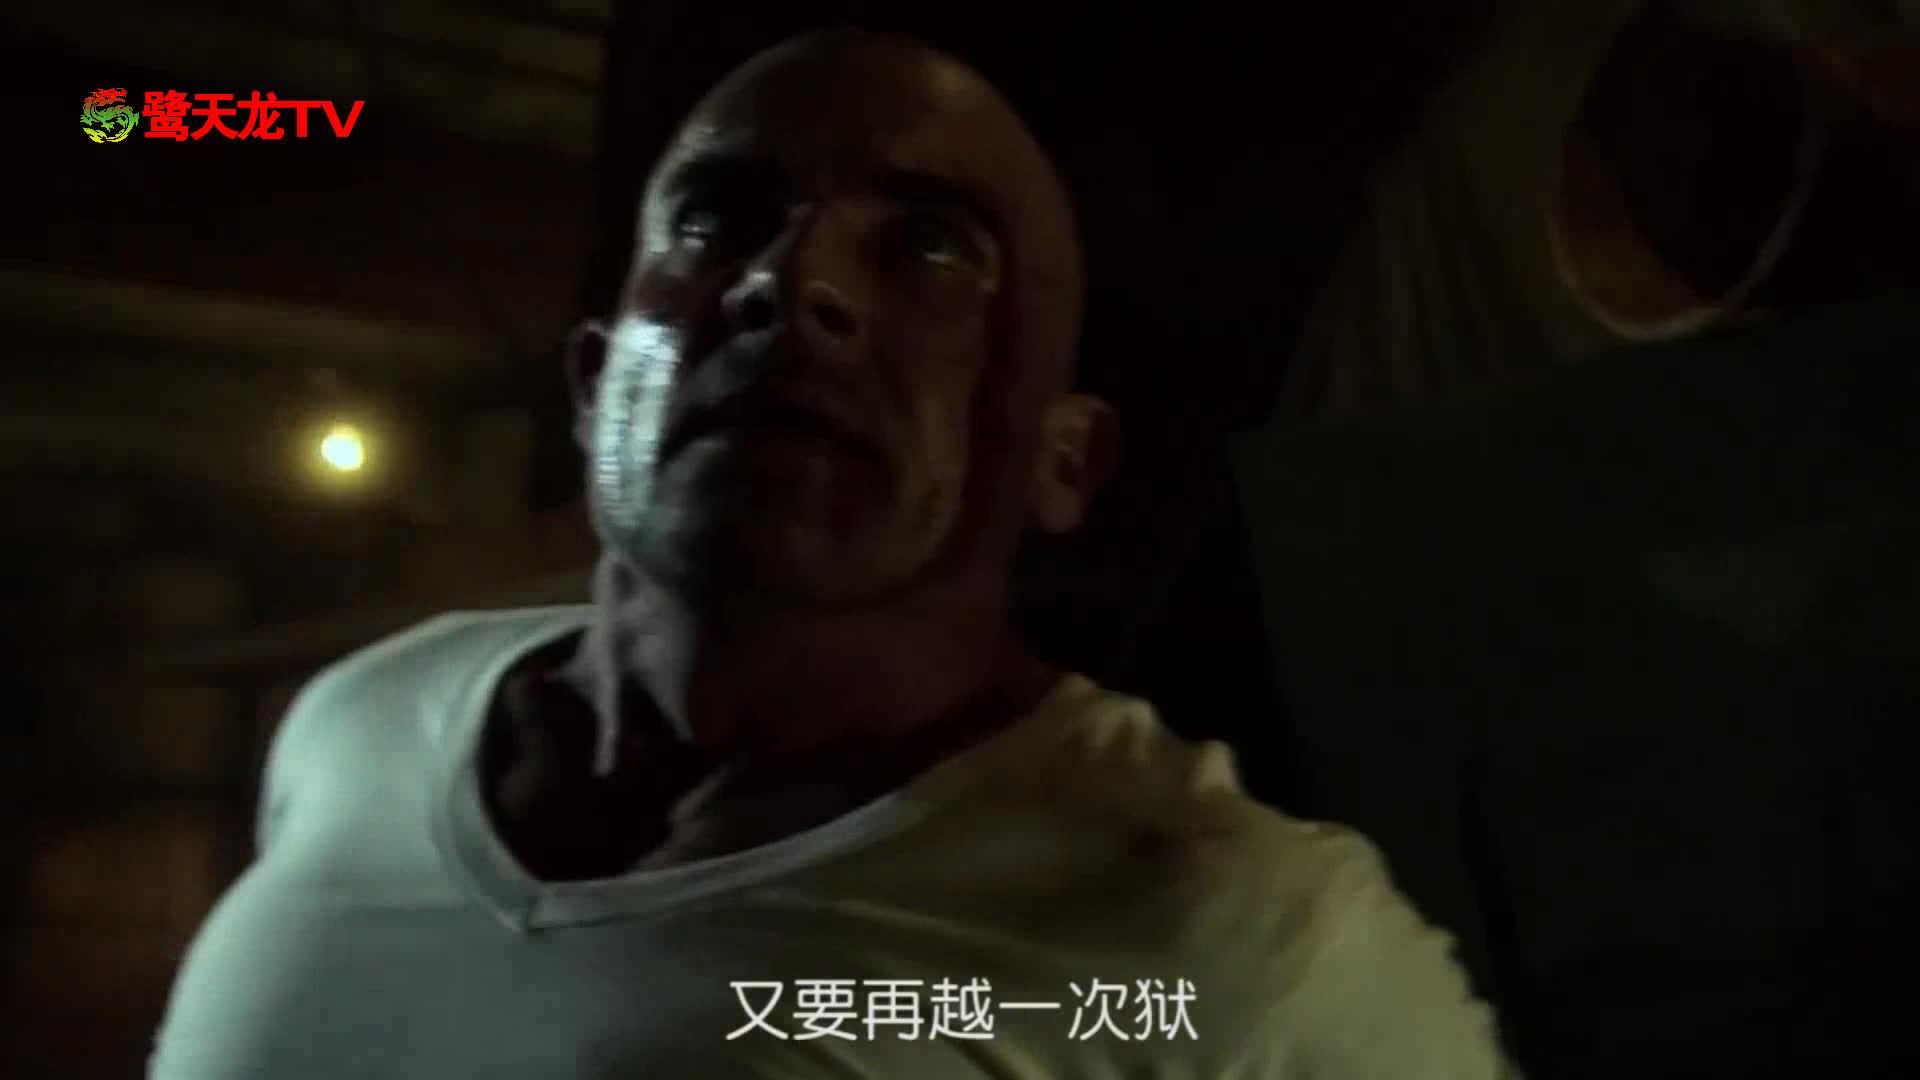 《越狱》第五季回归了,米帅再一次逃出监狱